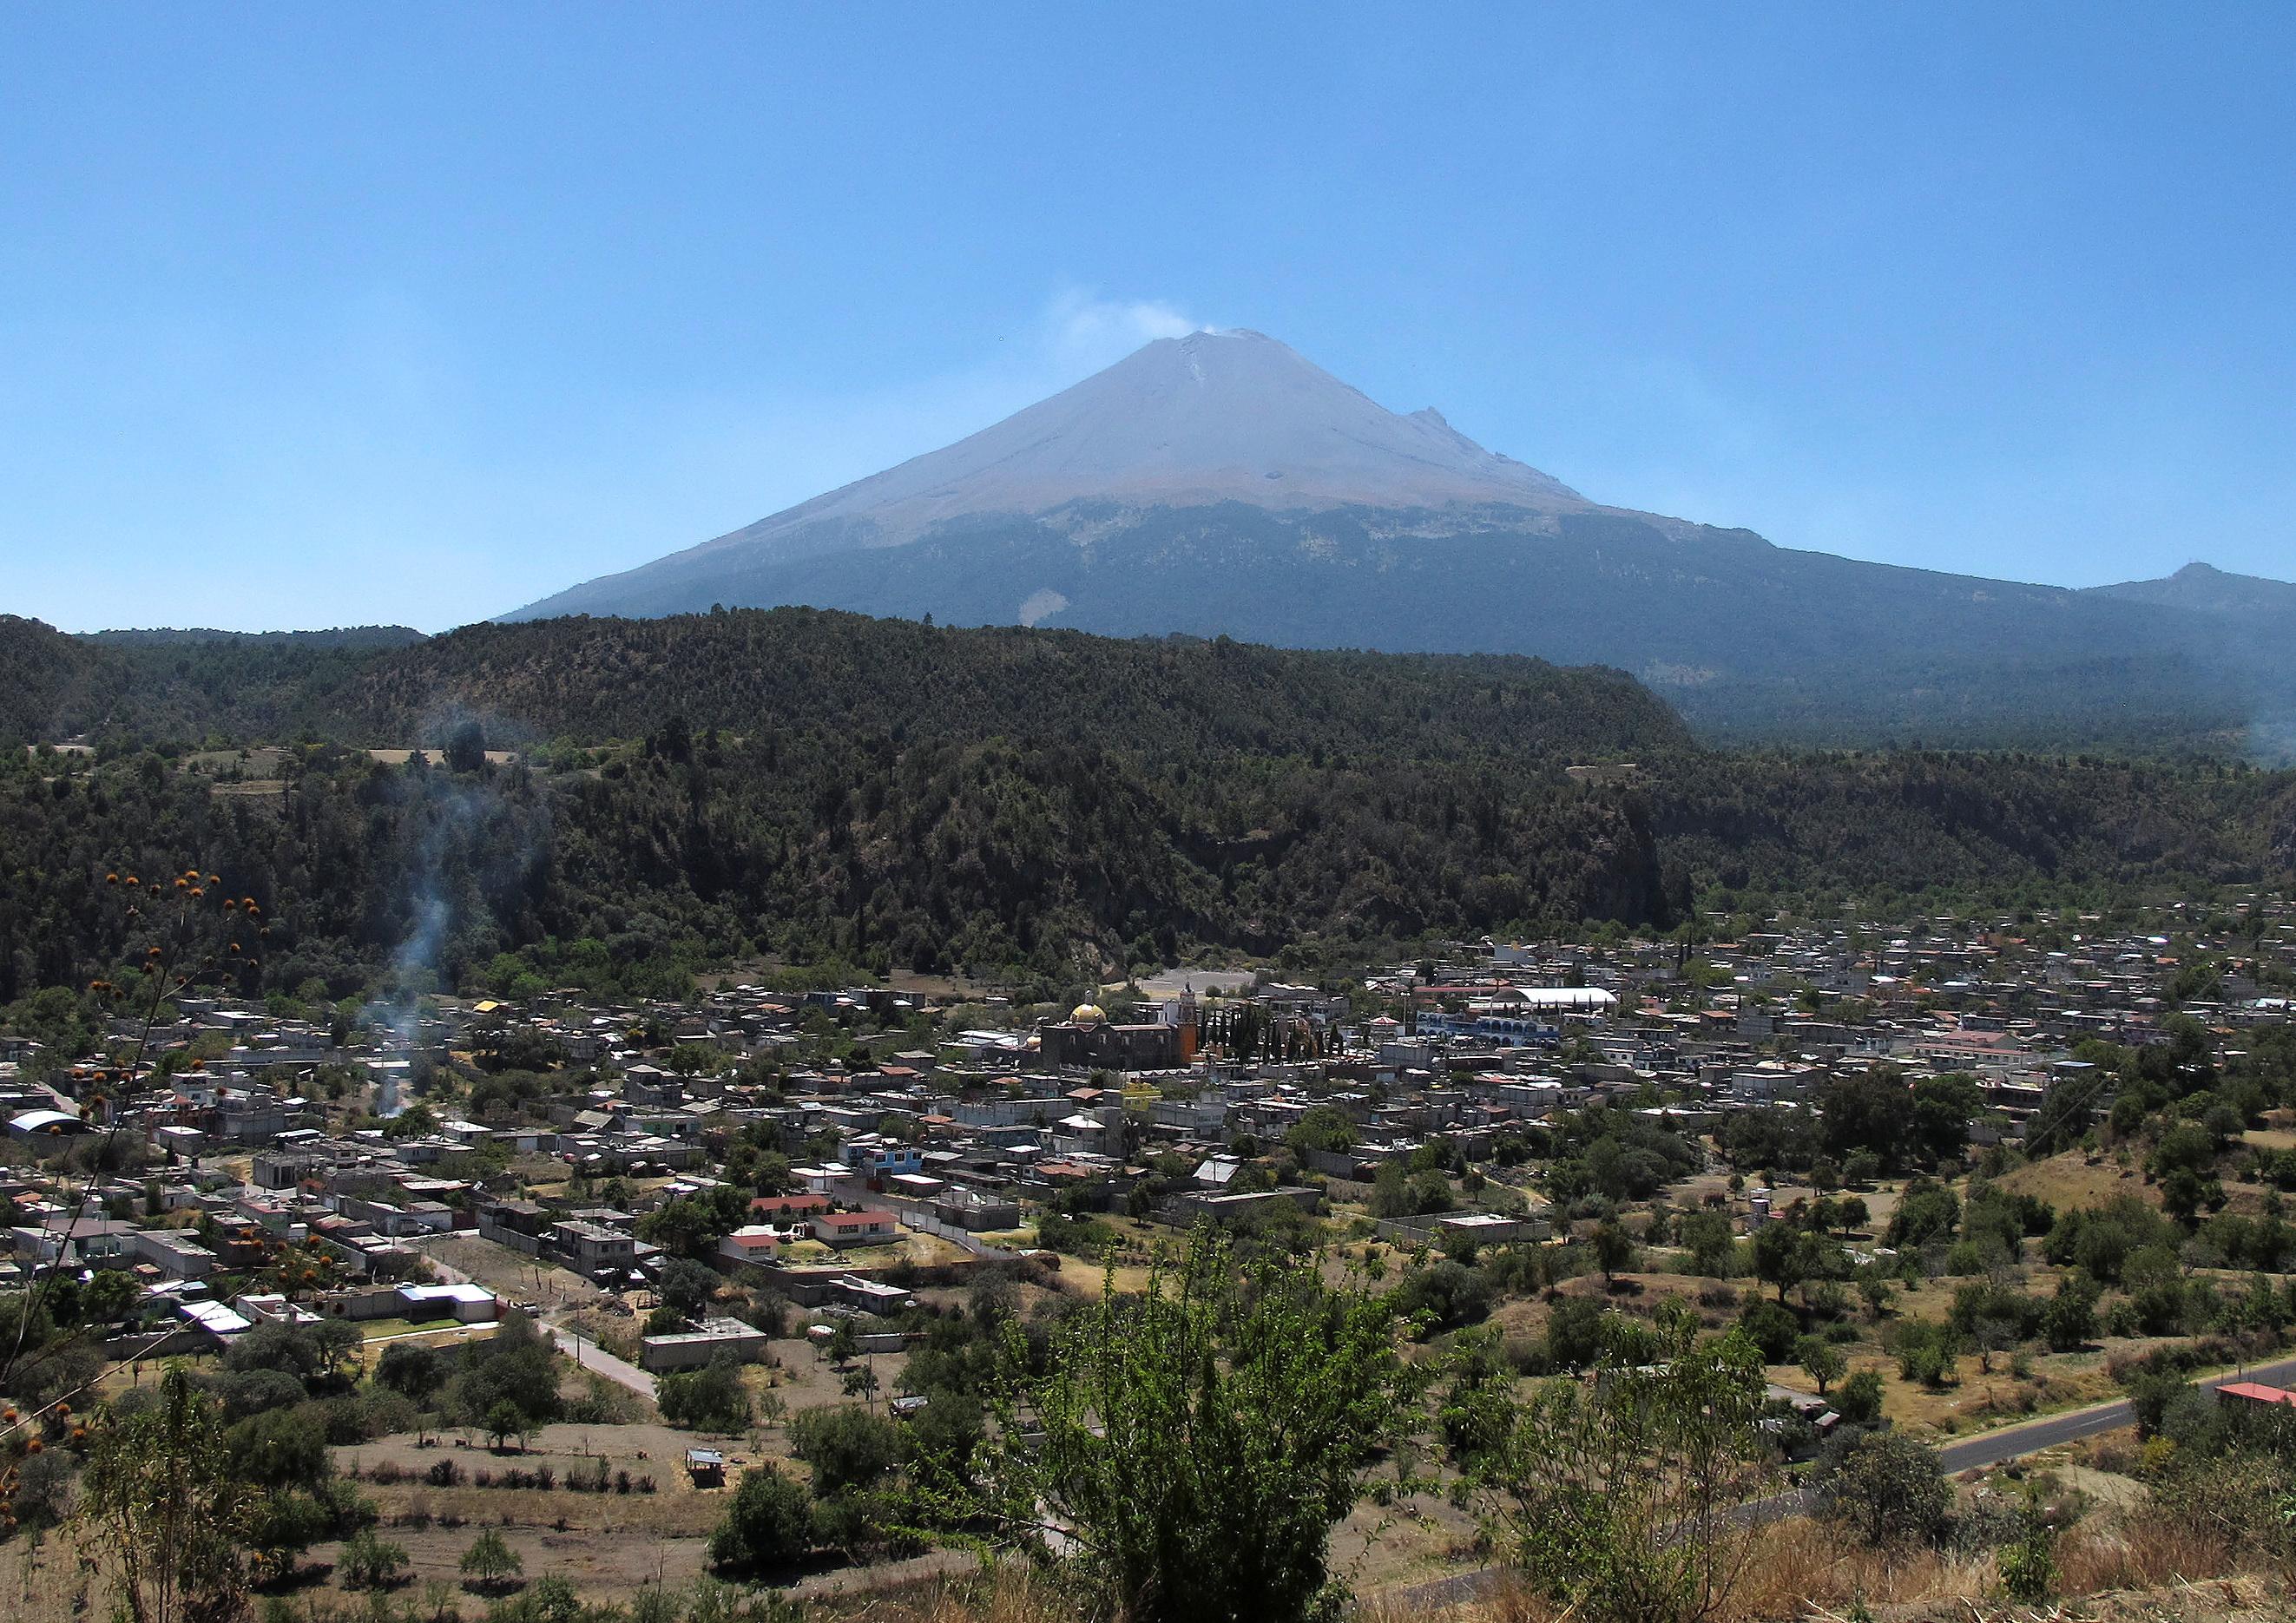 ثوران بركان بوبوكاتبتبيل (2)